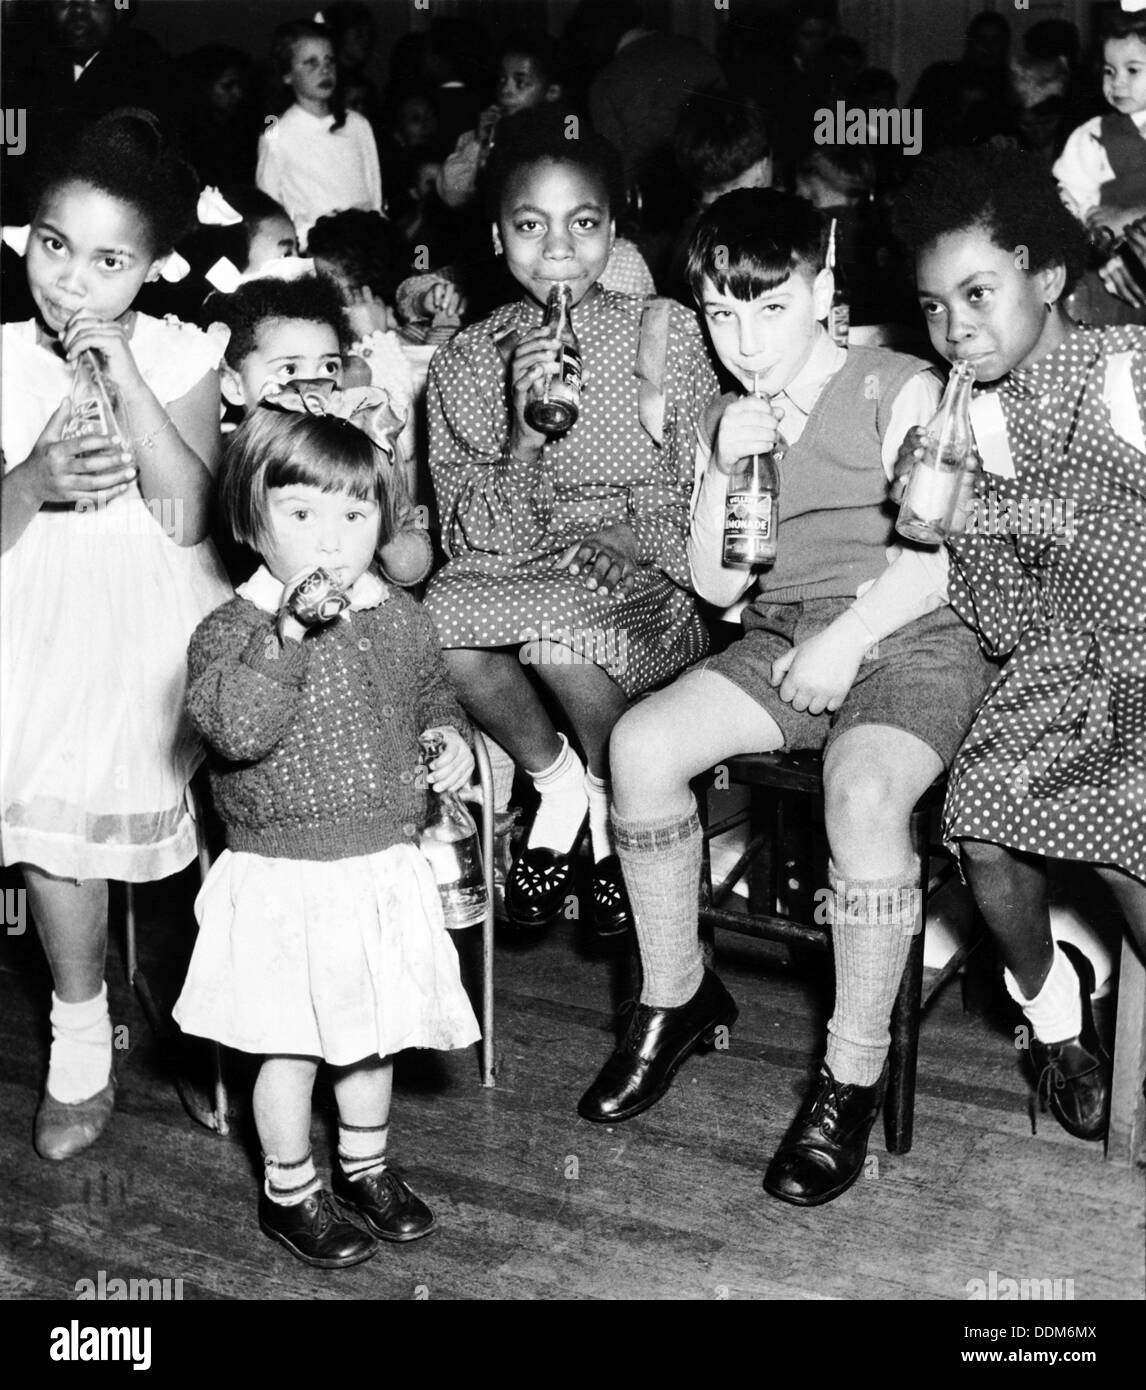 Les enfants, Londres, 1950. Artiste: Henry Grant Photo Stock